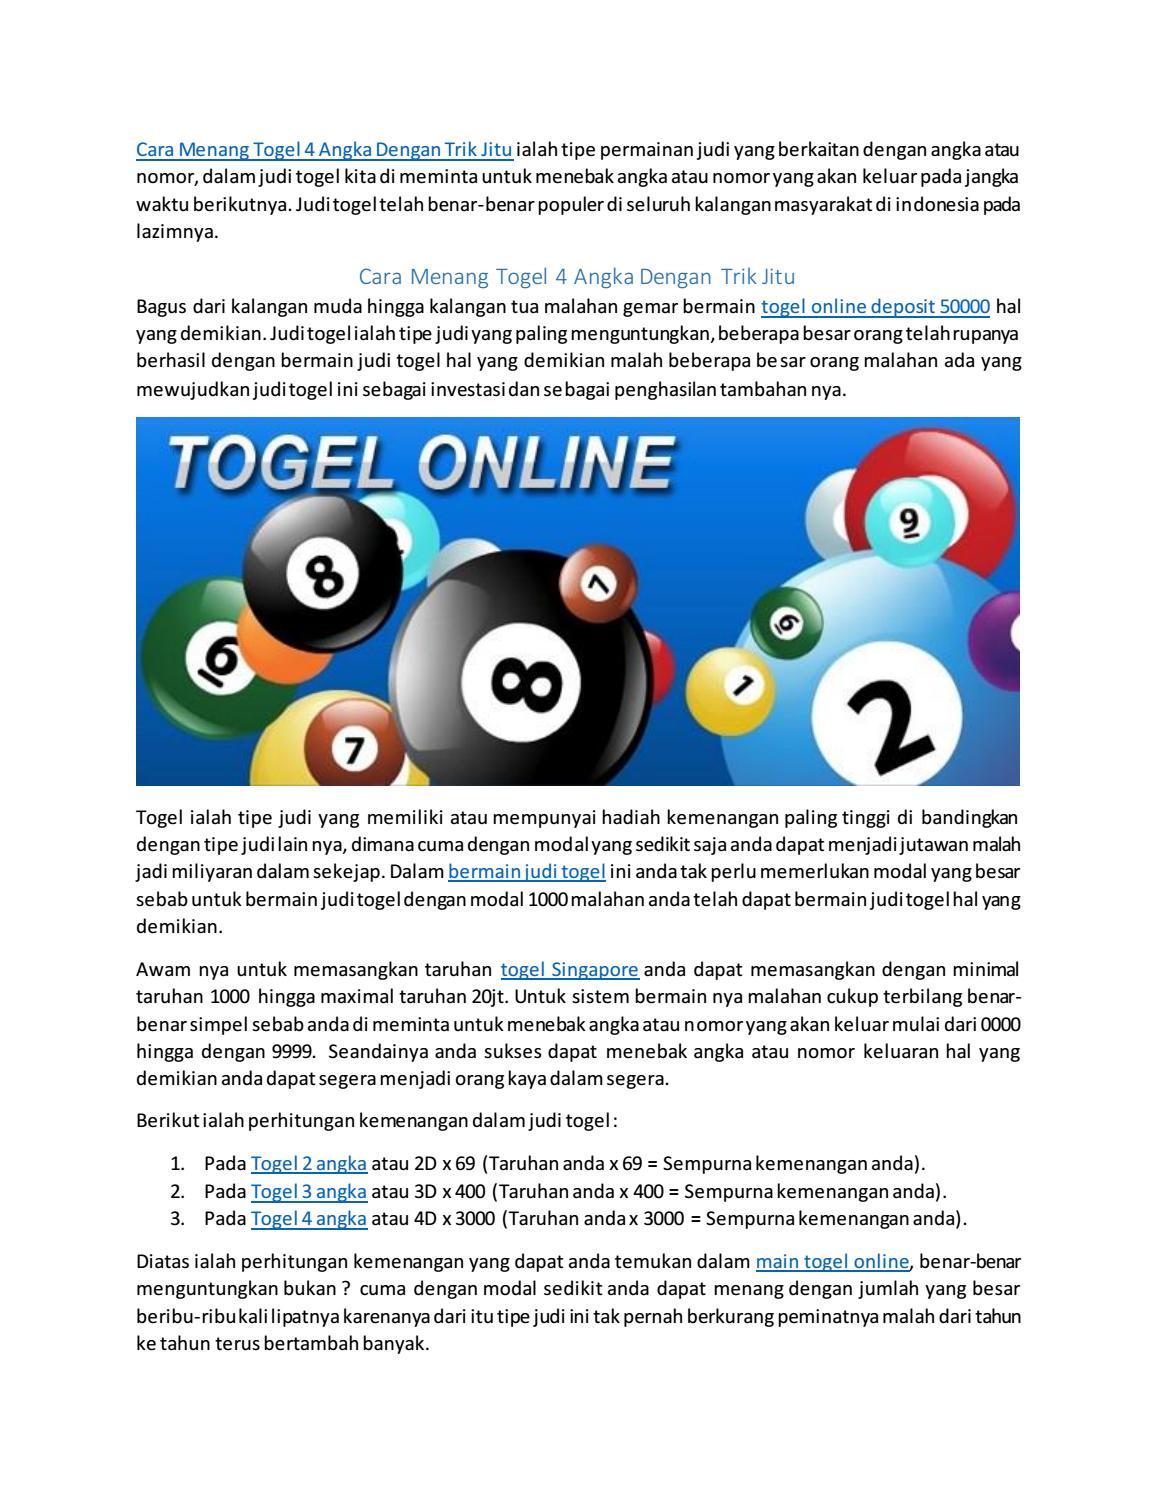 64be89ebe Cara Menang Togel 4 Angka Dengan Trik Jitu by bandartogelonline666 - issuu